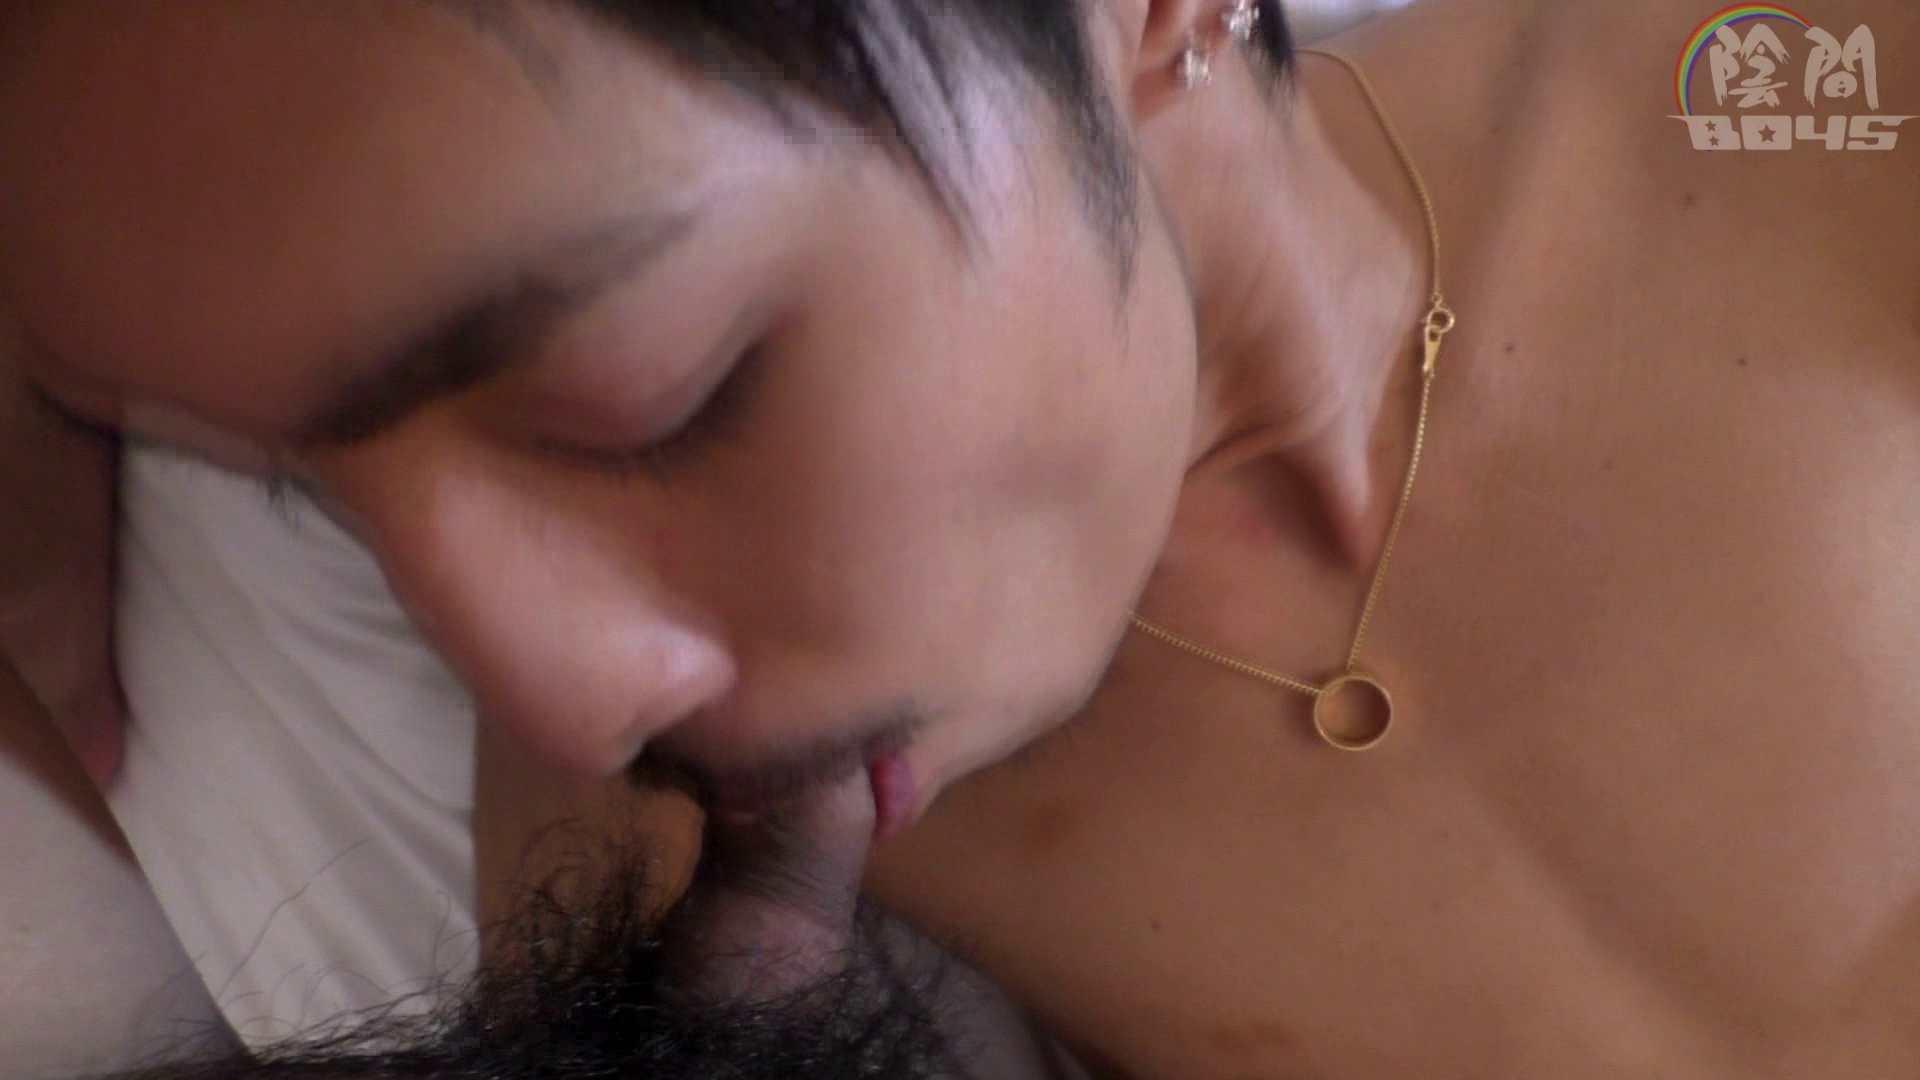 陰間BOYS~「アナルだけは許して…」~05 発射天国   顔射DE行く ゲイ無修正ビデオ画像 46pic 15